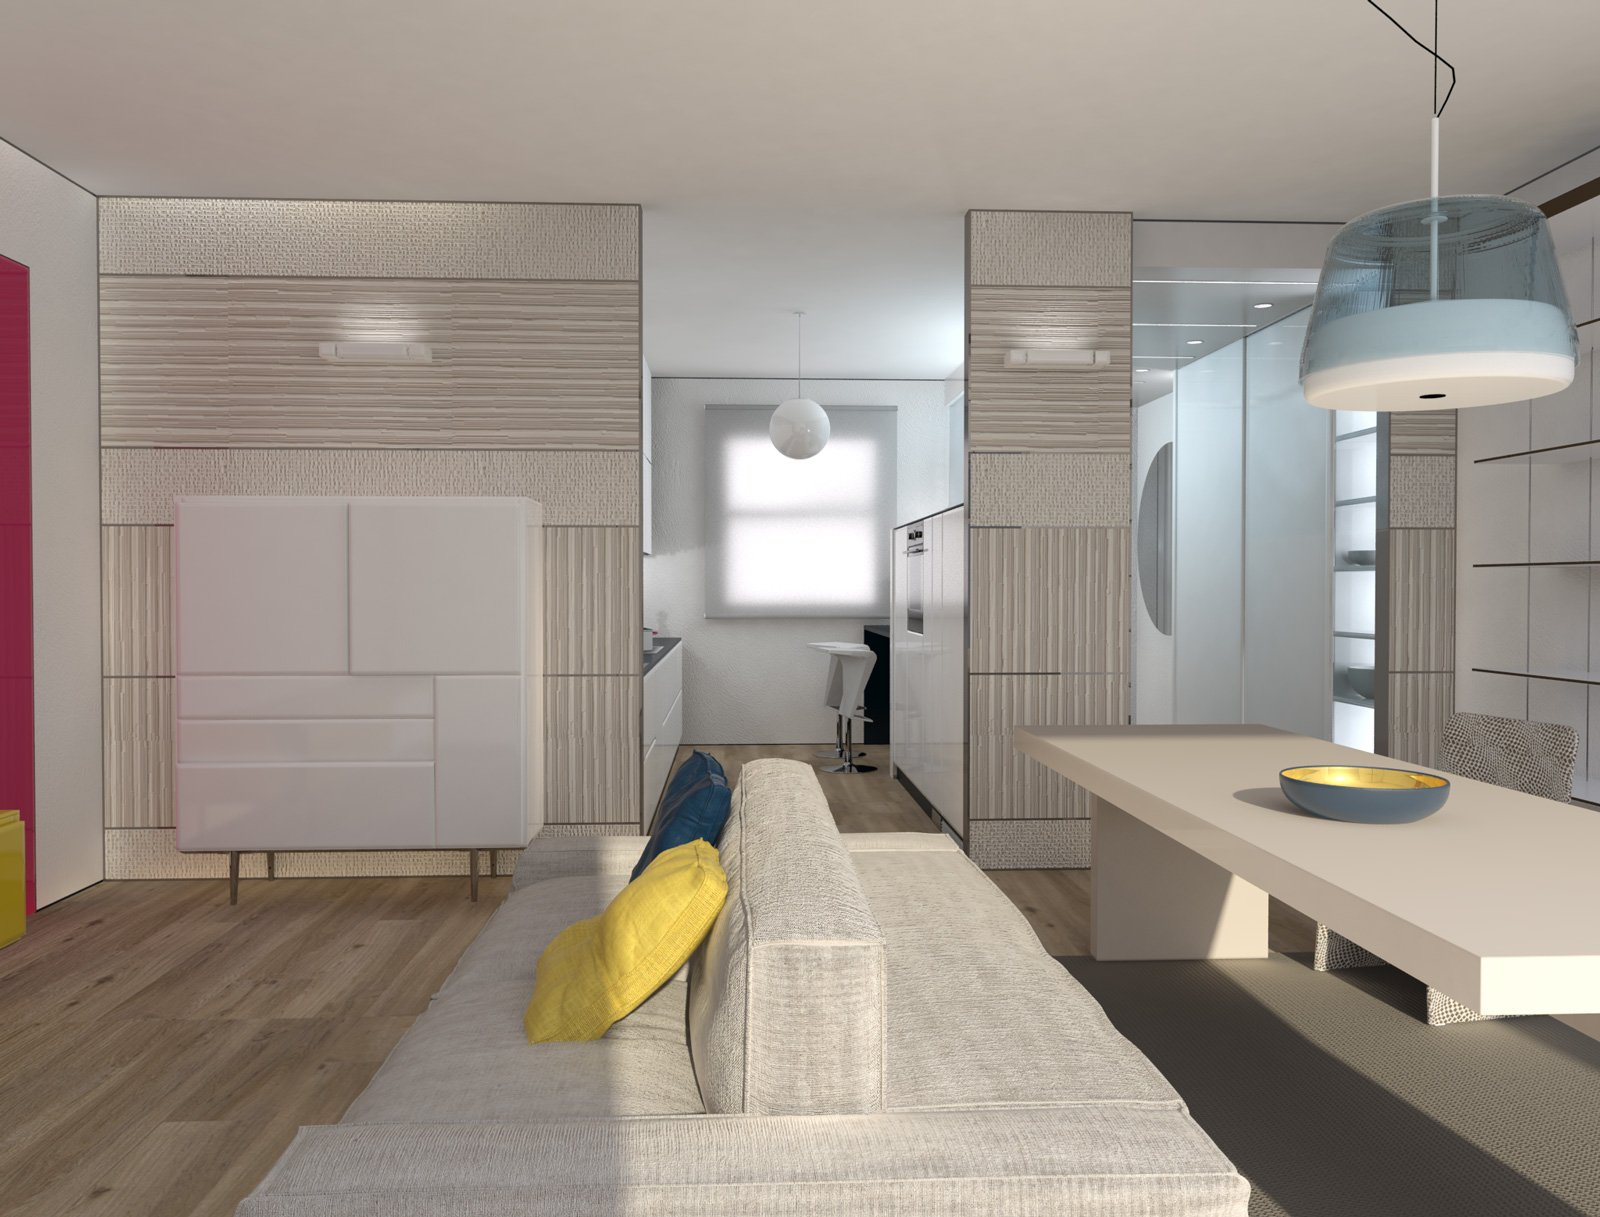 Progettare la cucina in 3d trendy impianti cucina with for Progettare una cameretta 3d